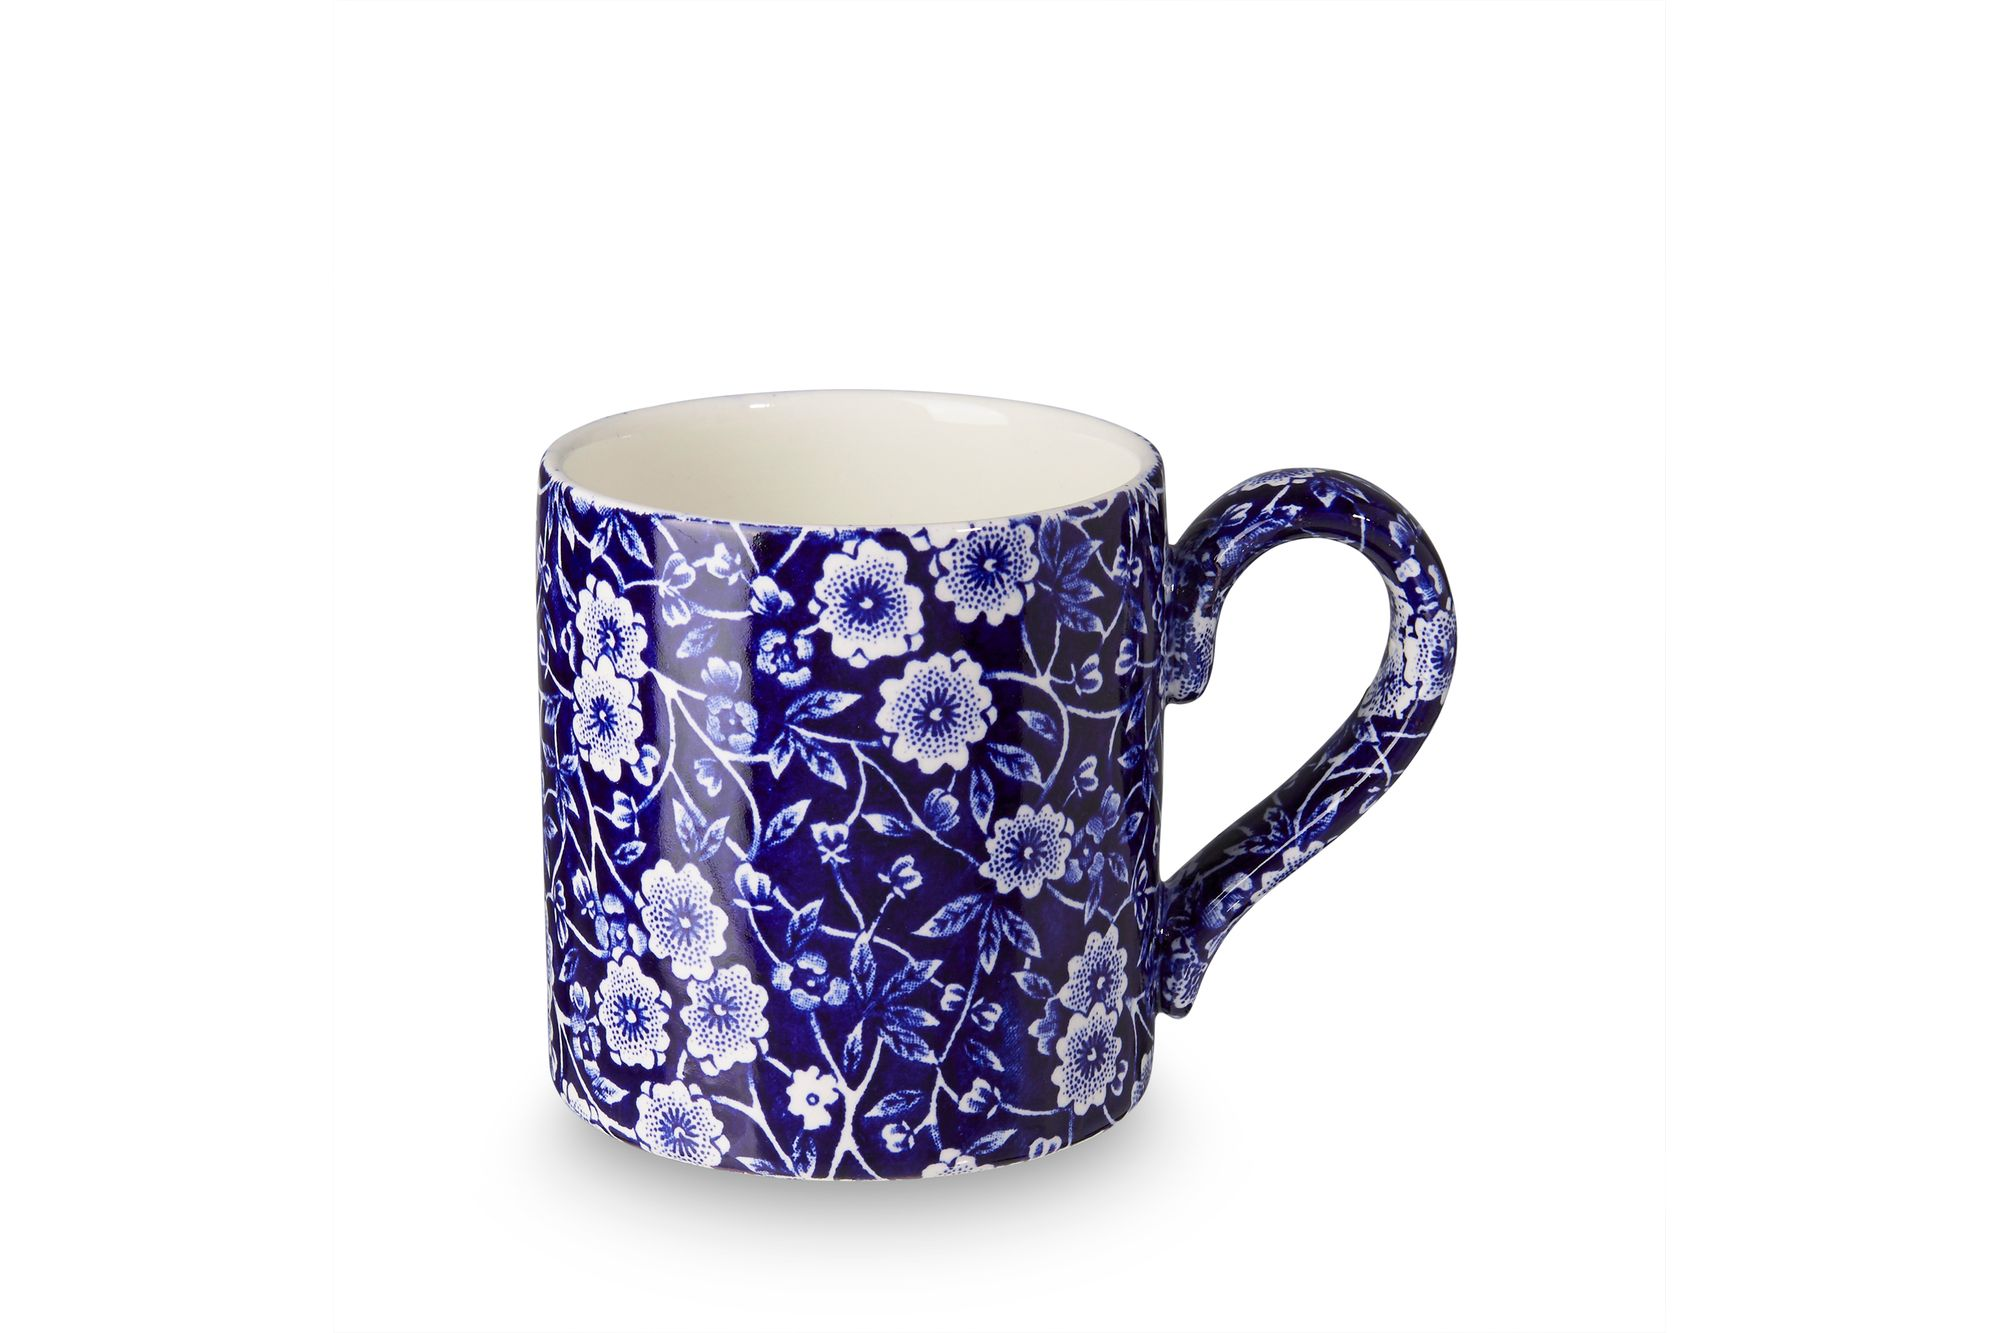 Burleigh Blue Calico Mug 1/2pt thumb 1